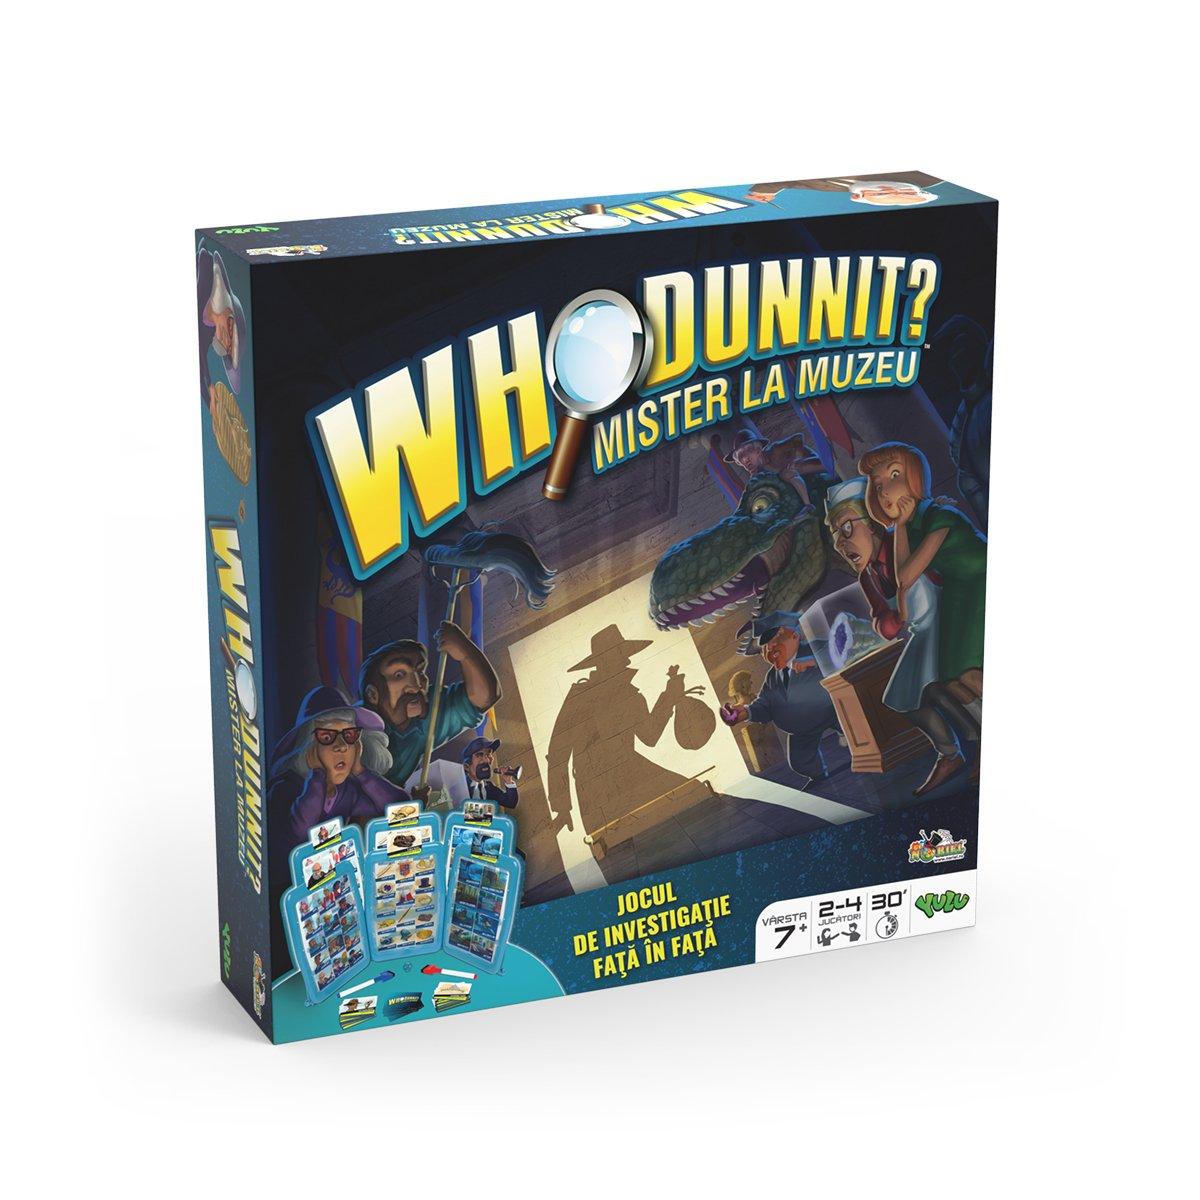 Joc Who DunnIt - Mister la muzeu. Descopera Cine Ce Unde